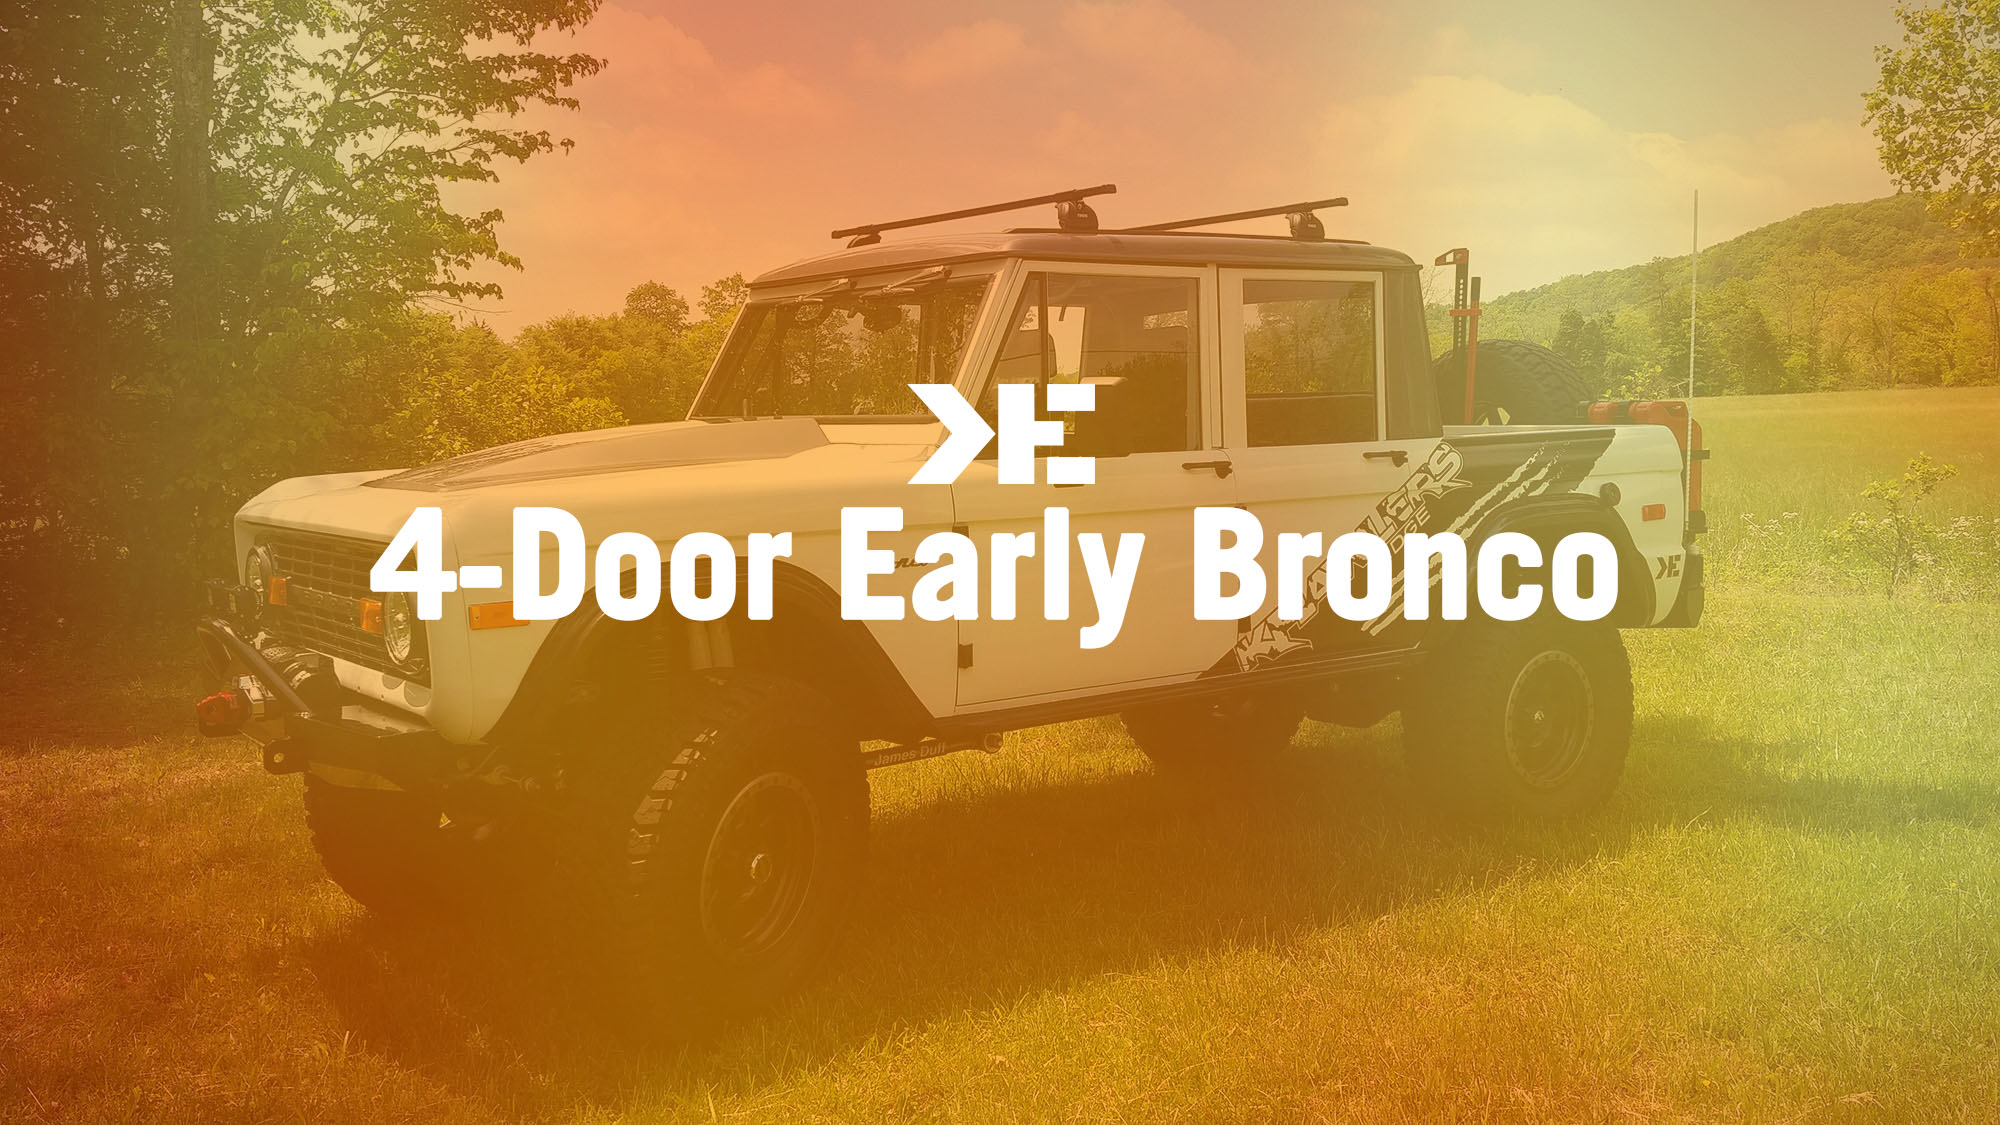 4 door Early Bronco by Krawlers Edge